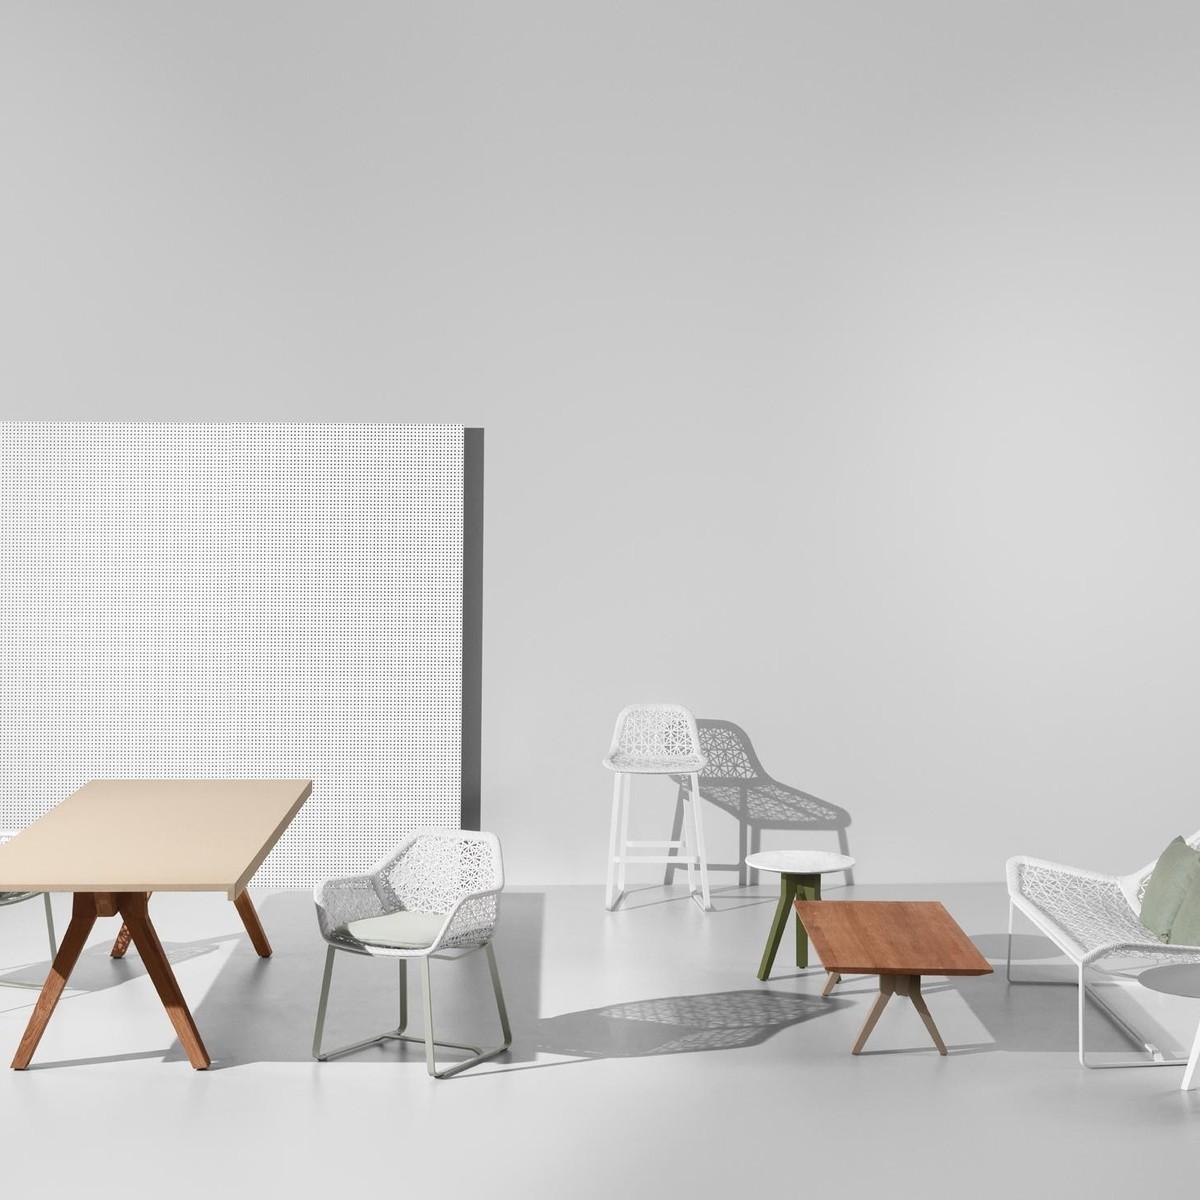 maia barhocker kettal. Black Bedroom Furniture Sets. Home Design Ideas